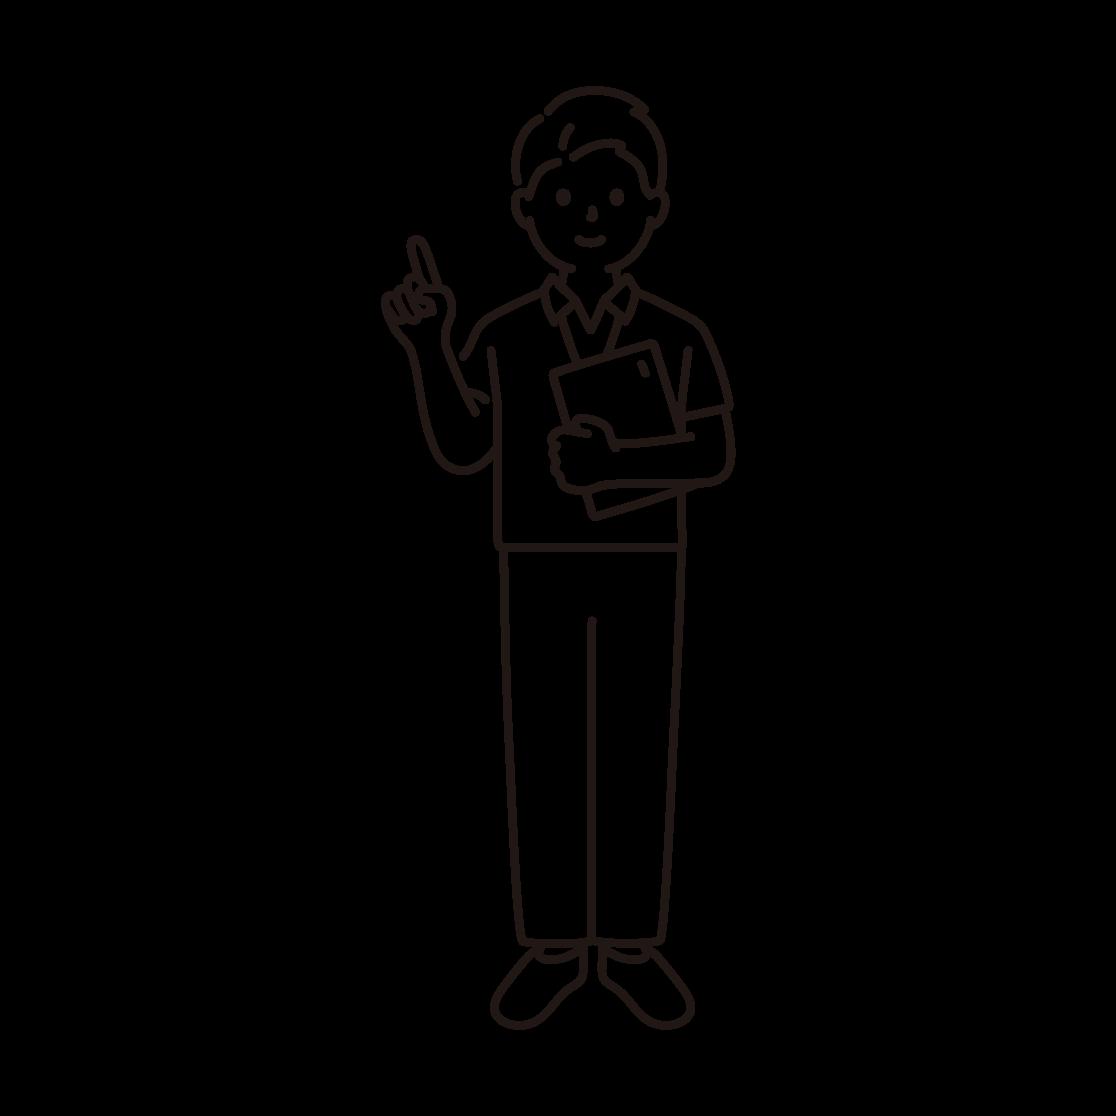 スポーツジムのインストラクター(男性)の線画イラスト